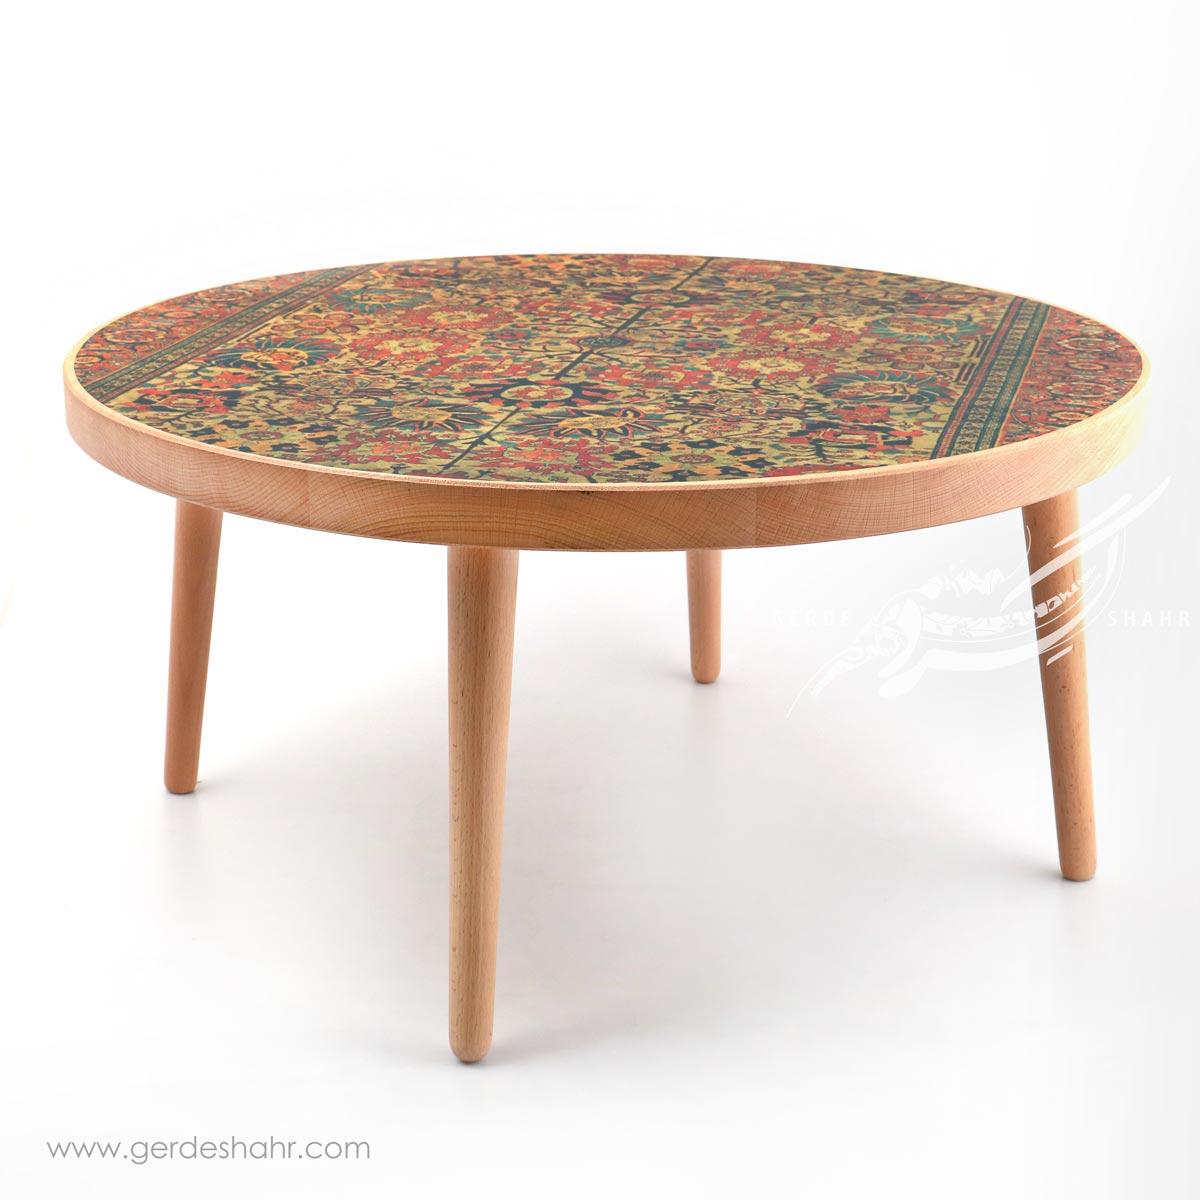 میز بزرگ رویای بهشت صباغ کارمان محصولات